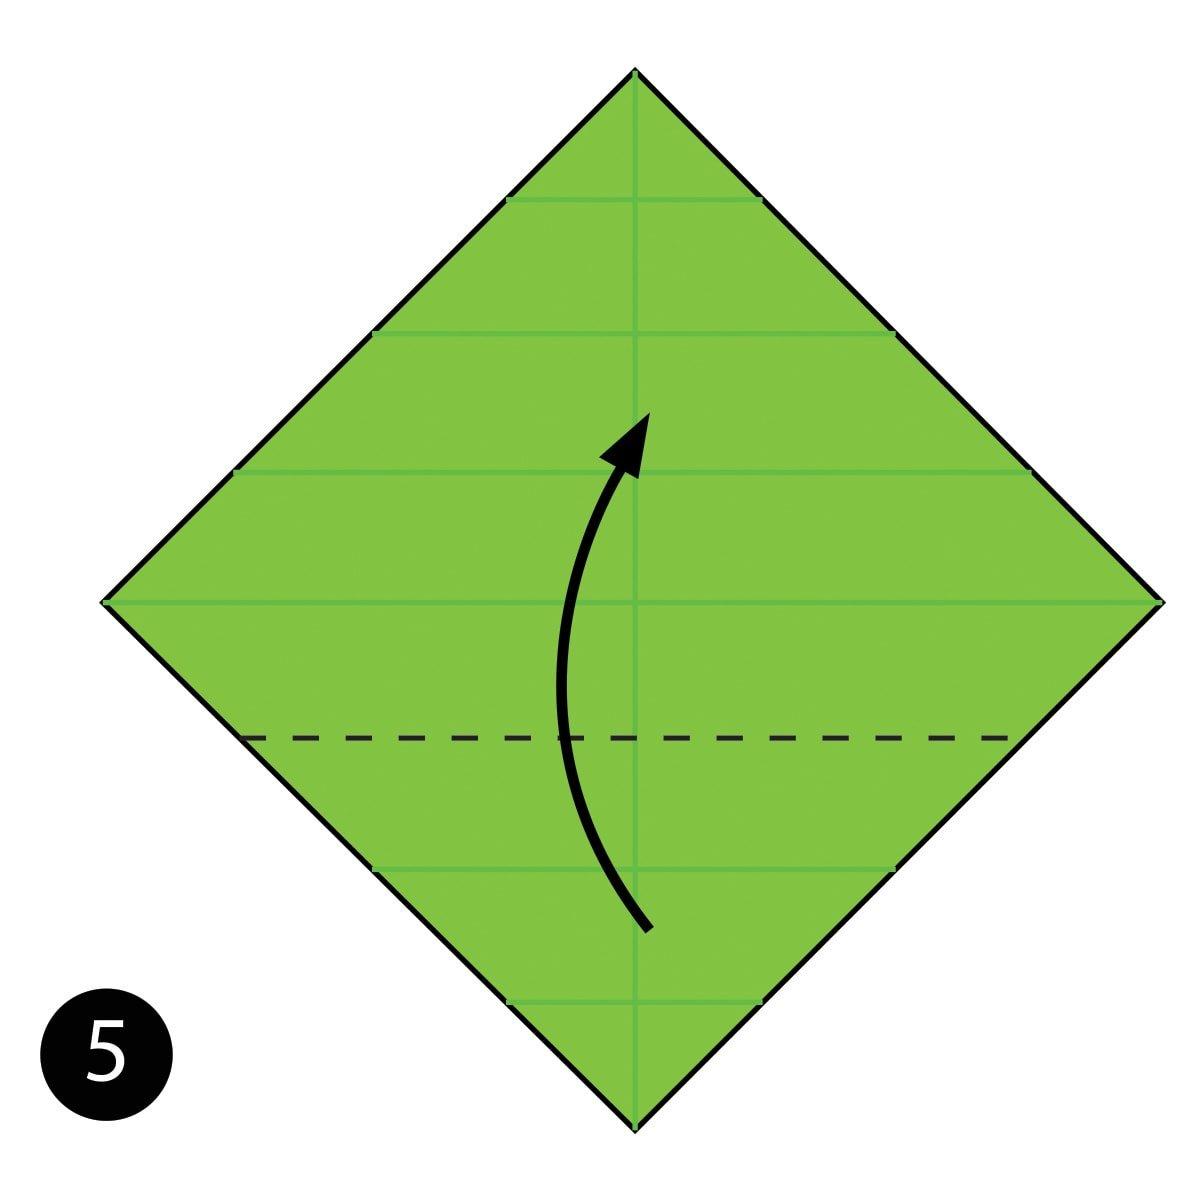 Snake Step 5